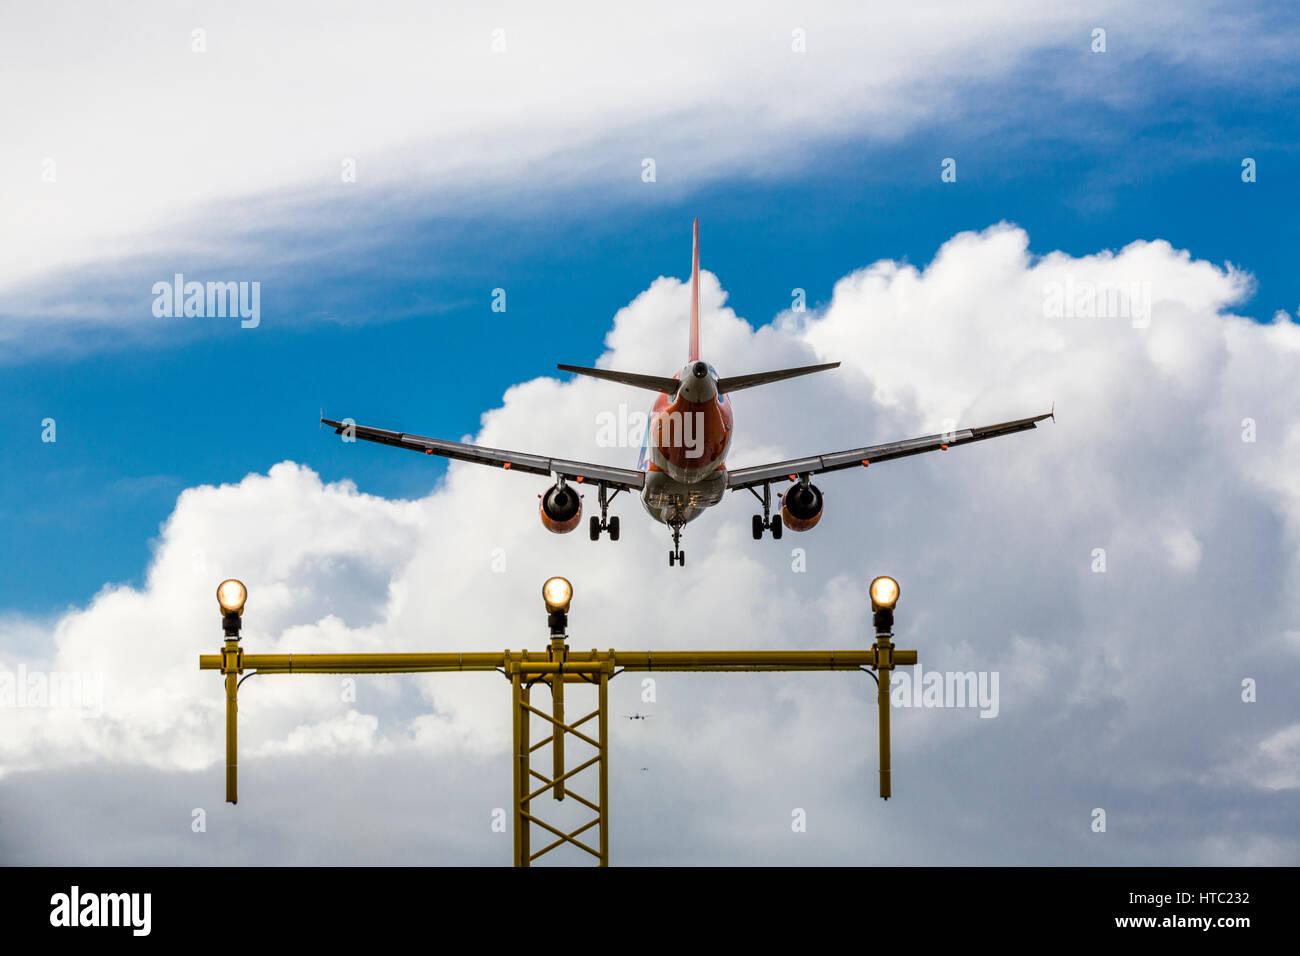 A Jet aircraft landing at a London airport, England UK - Stock Image